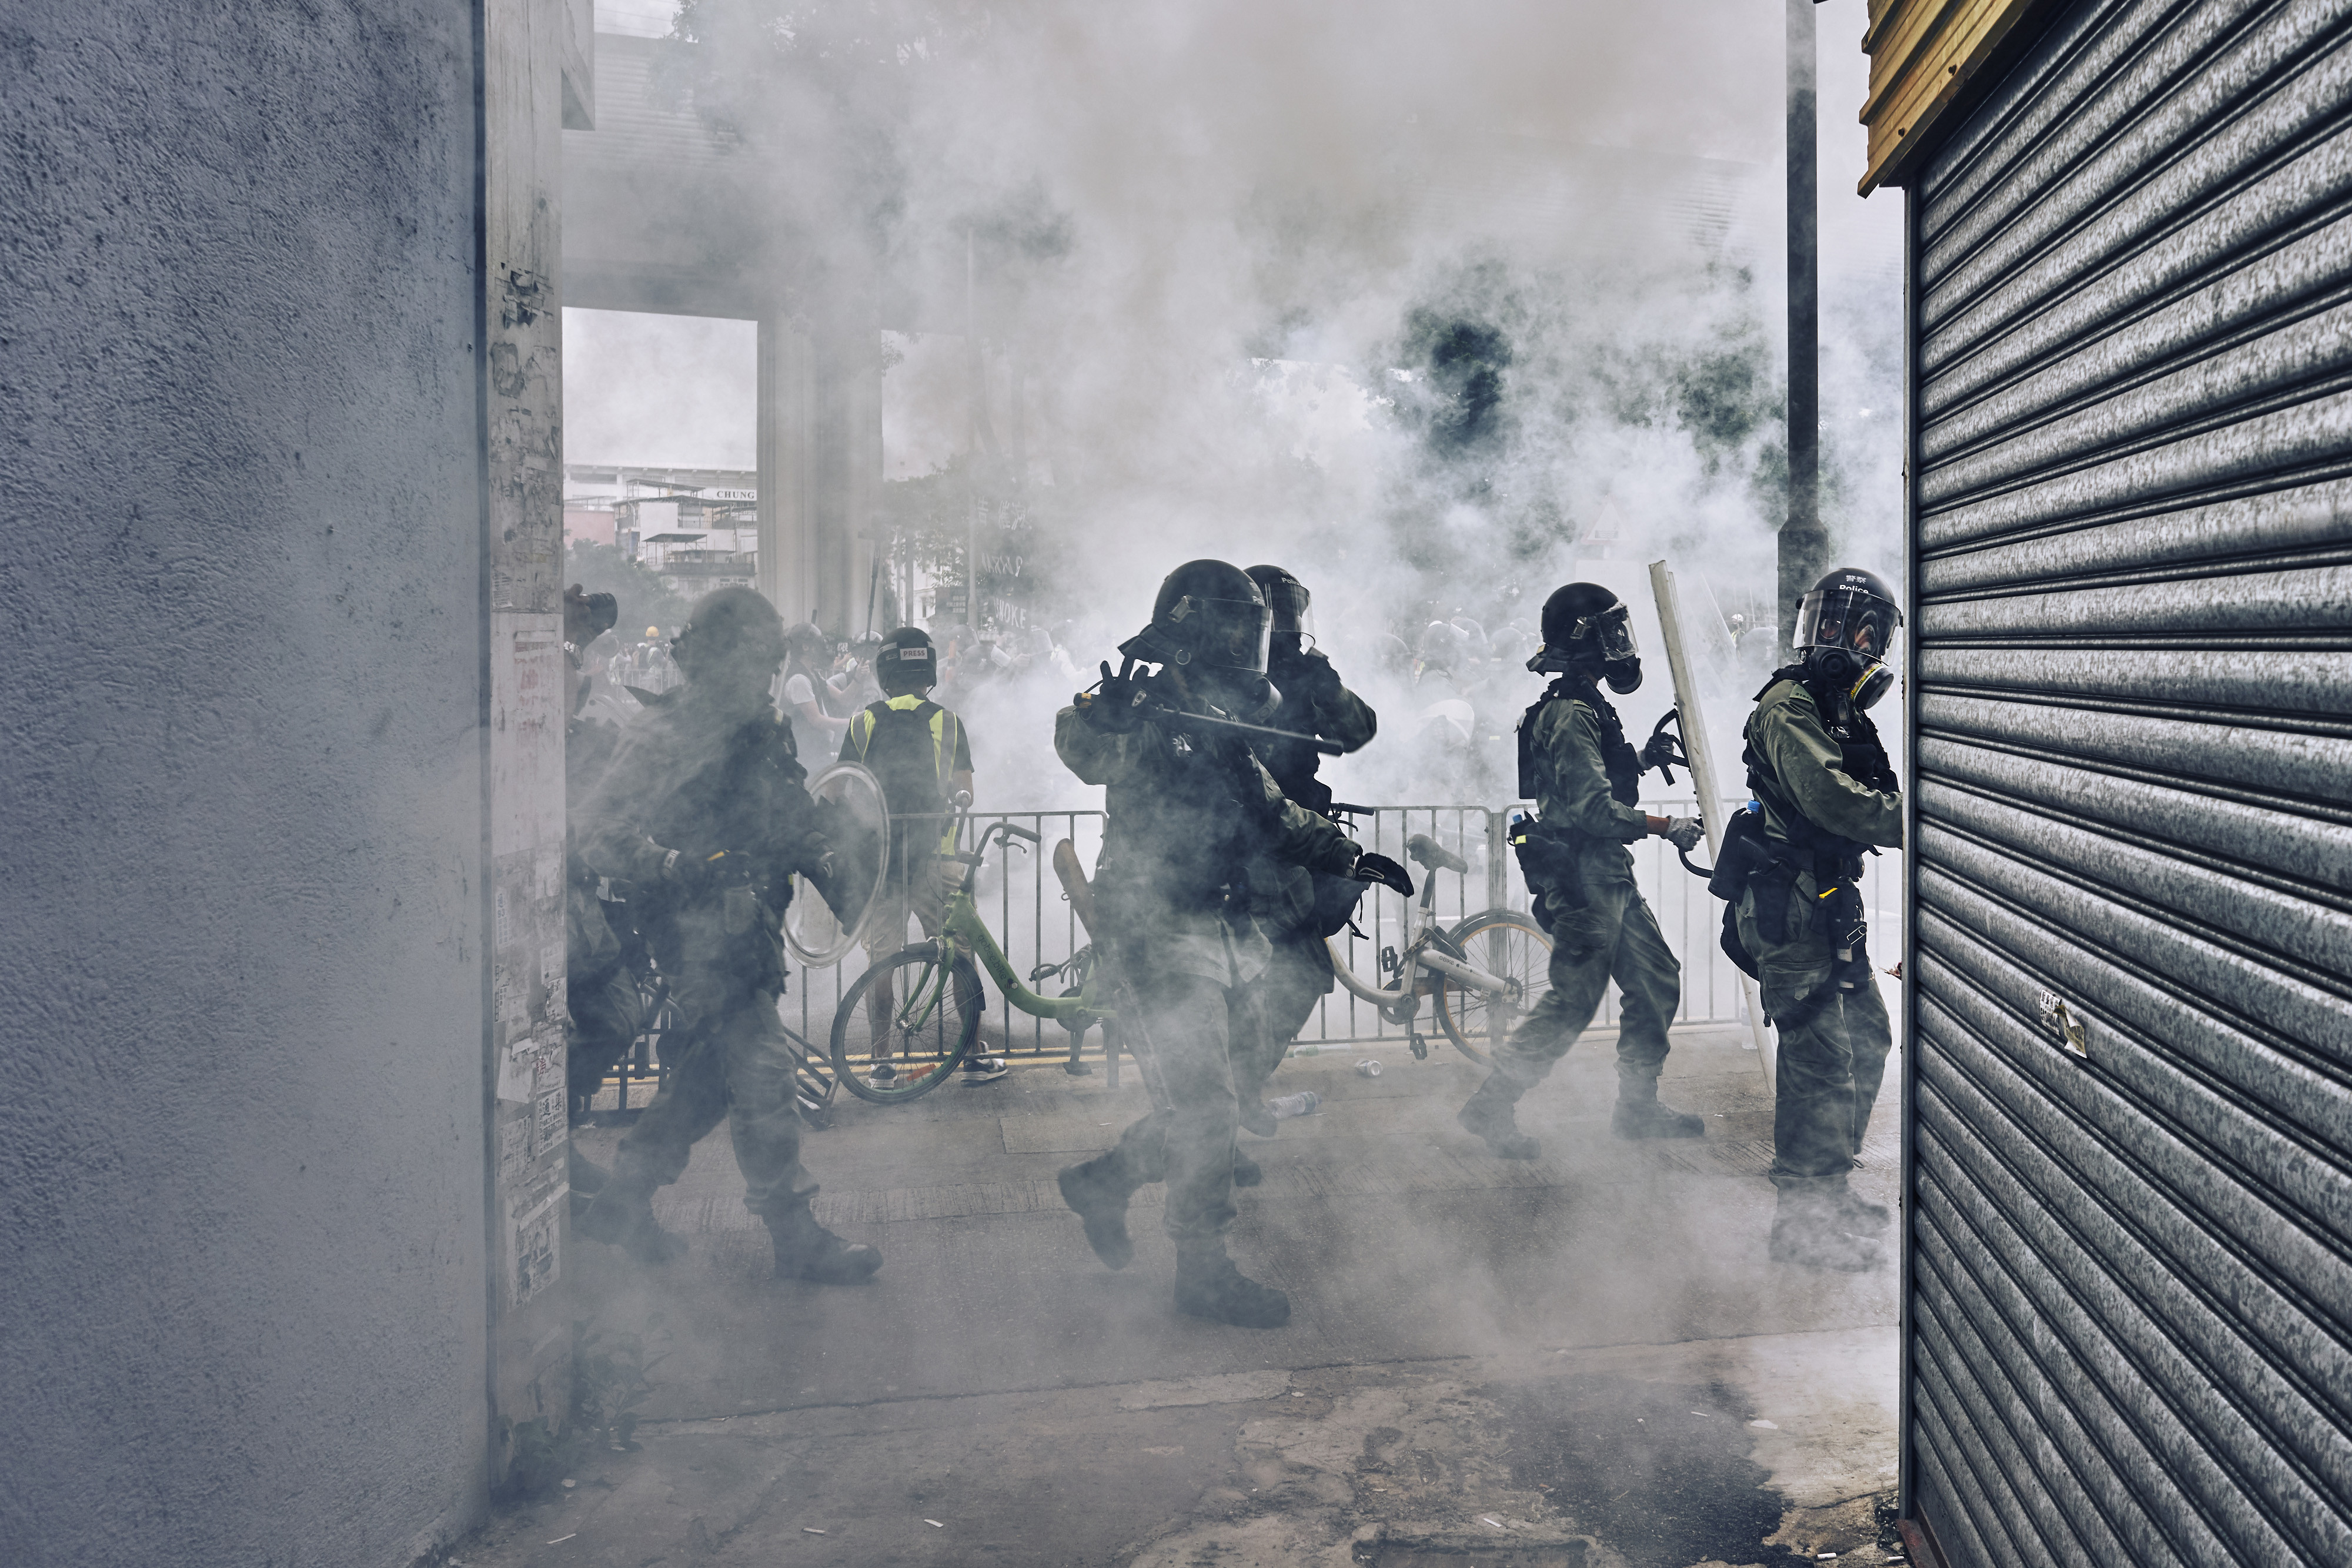 Mano dura: más de un millón de personas asistieron a una manifestación condenando la brutalidad policial en agosto.